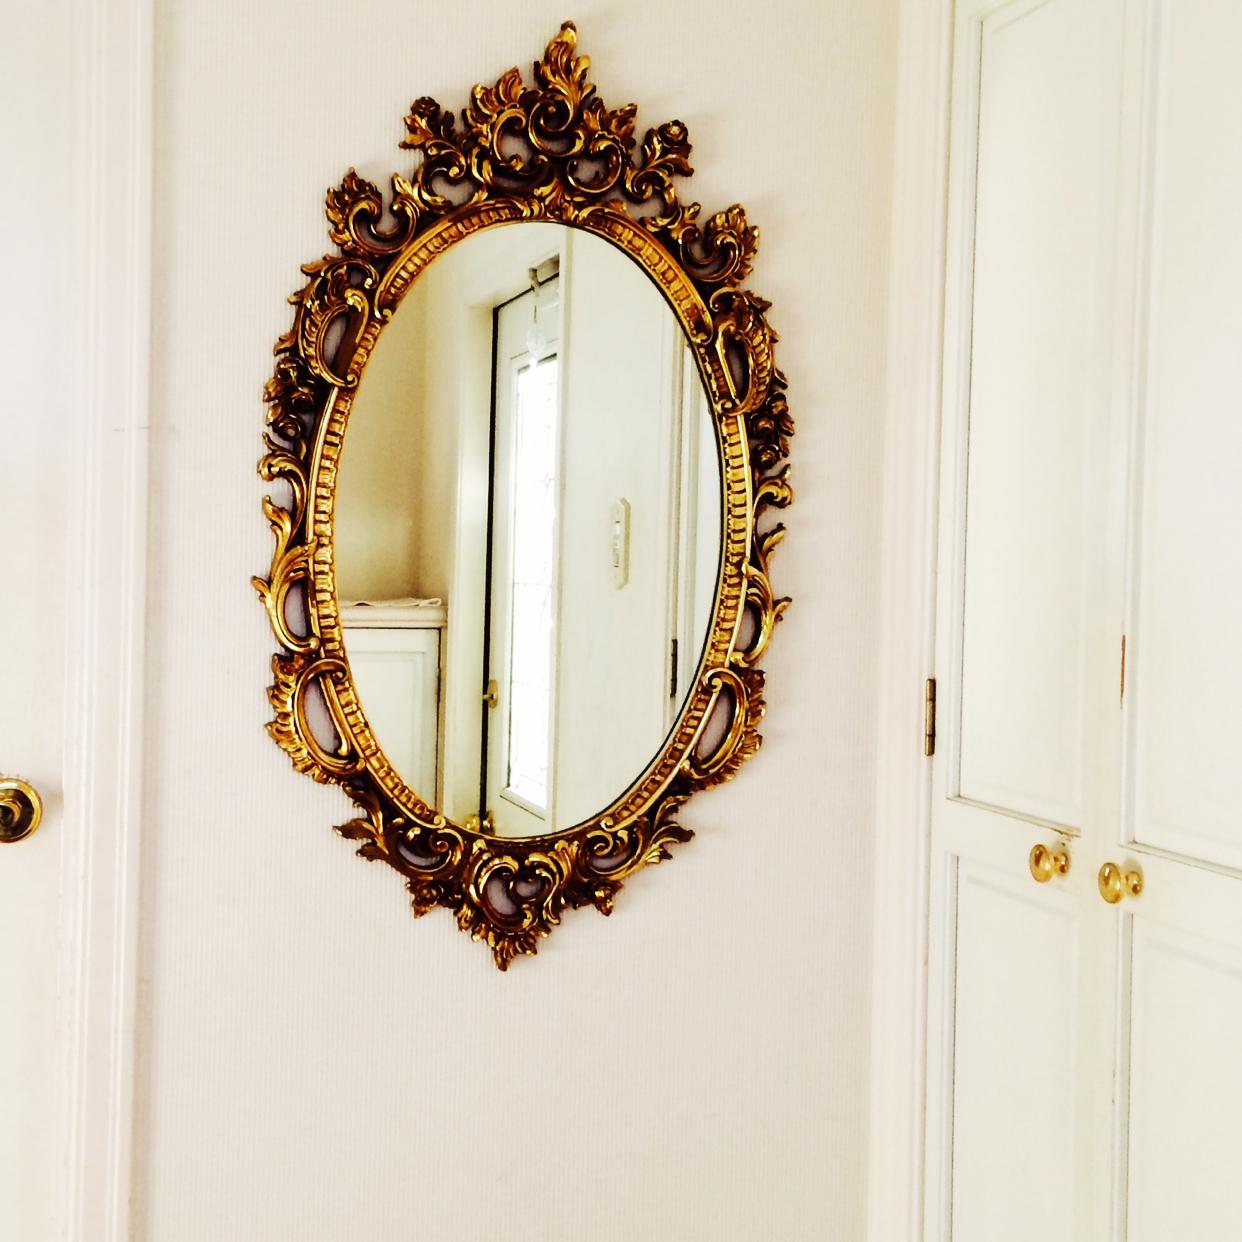 玄関の鏡がラッキーアイテムになる方法